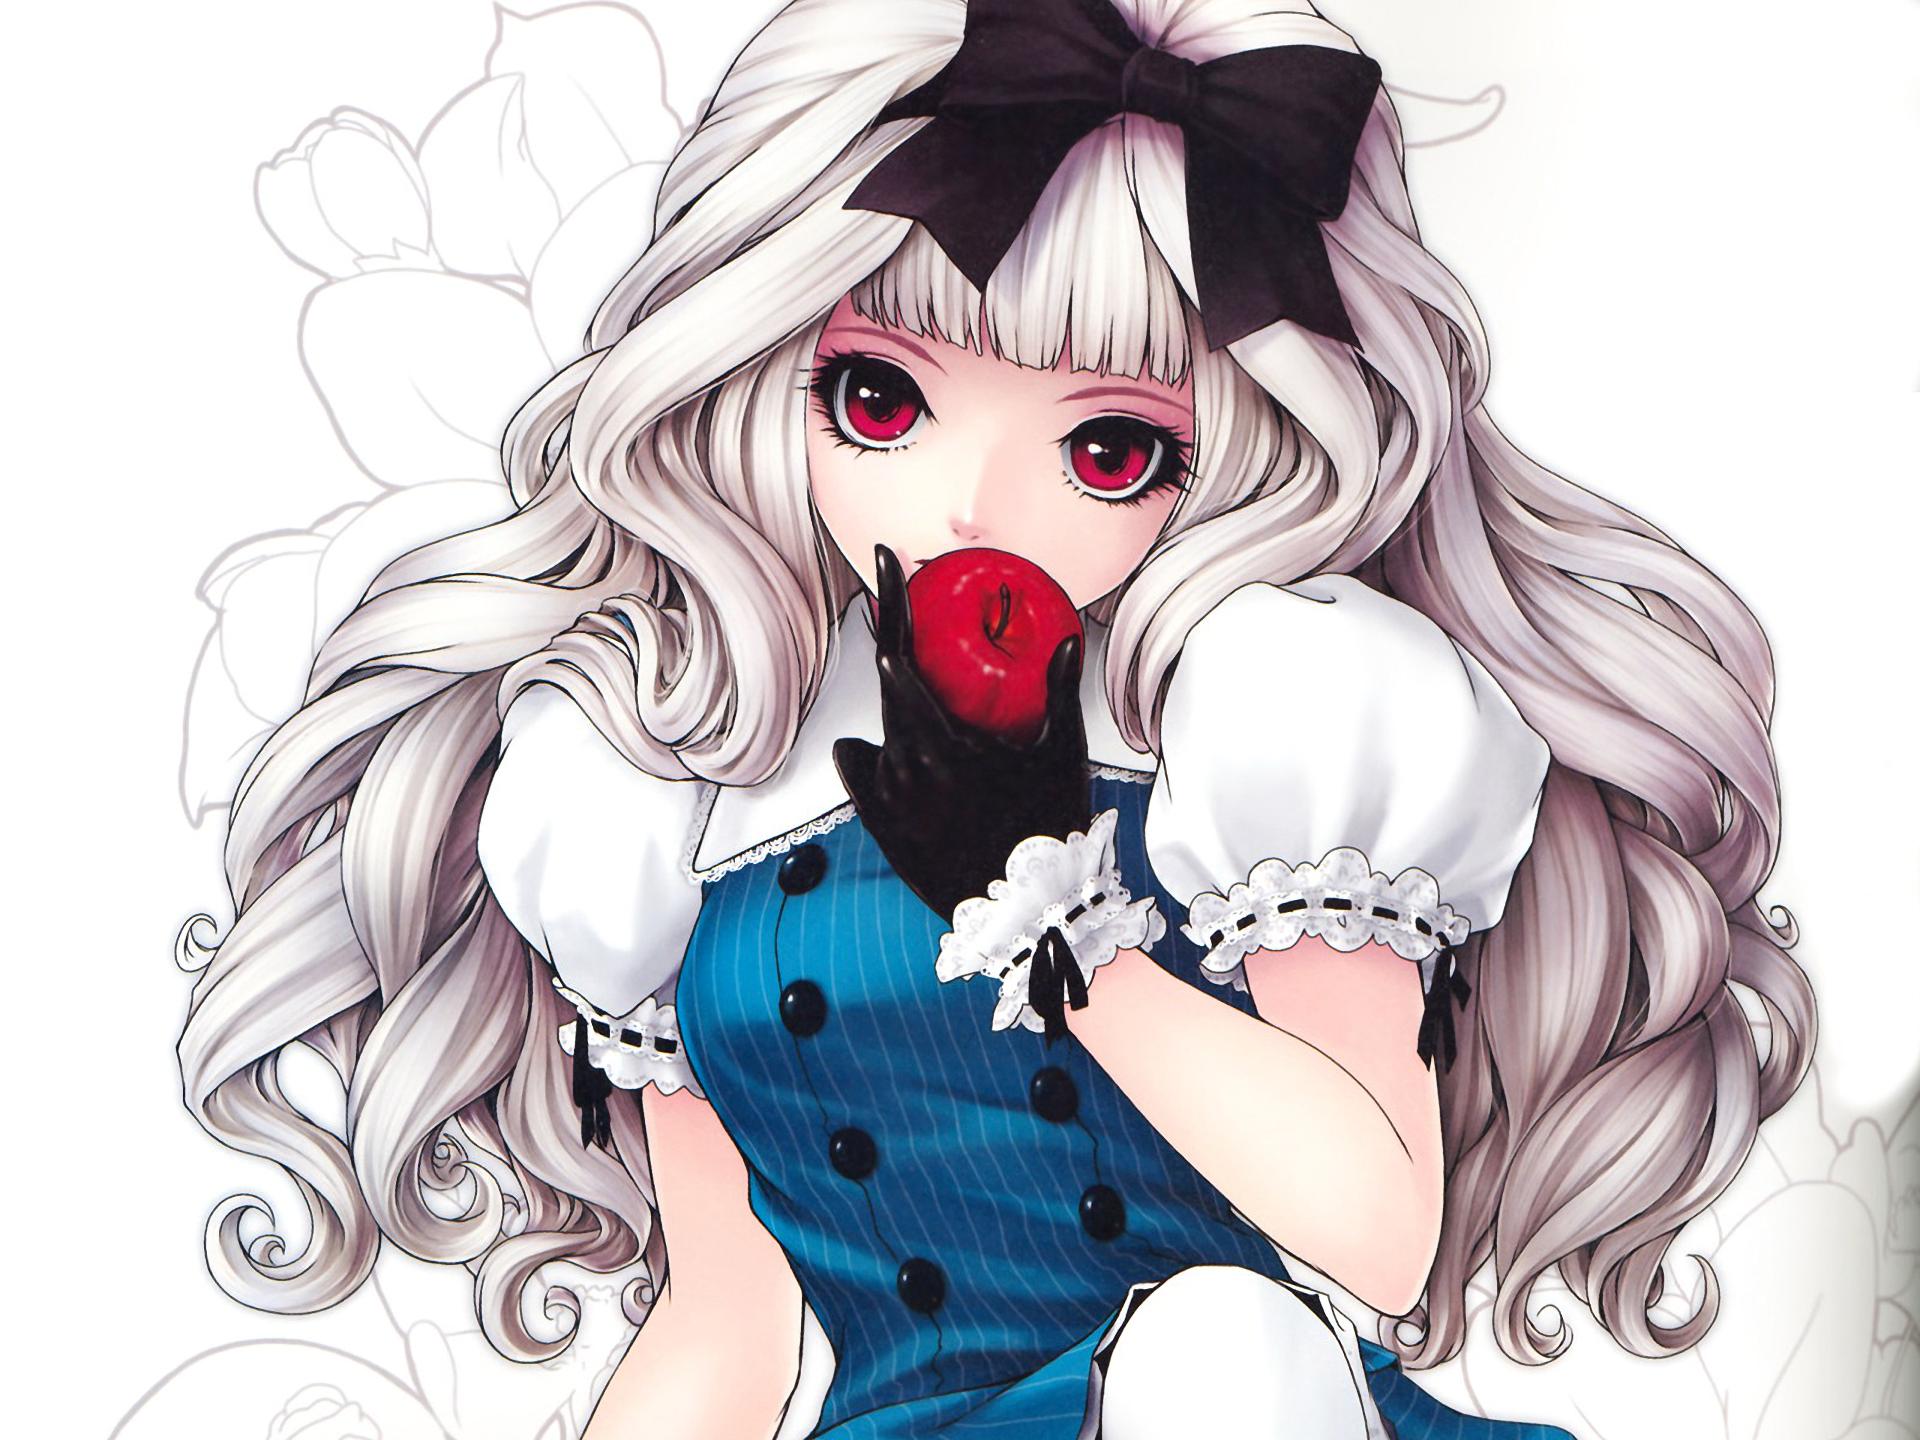 Hình ảnh Anime girl đầy đủ trạng thái biểu cảm nhất thế giới